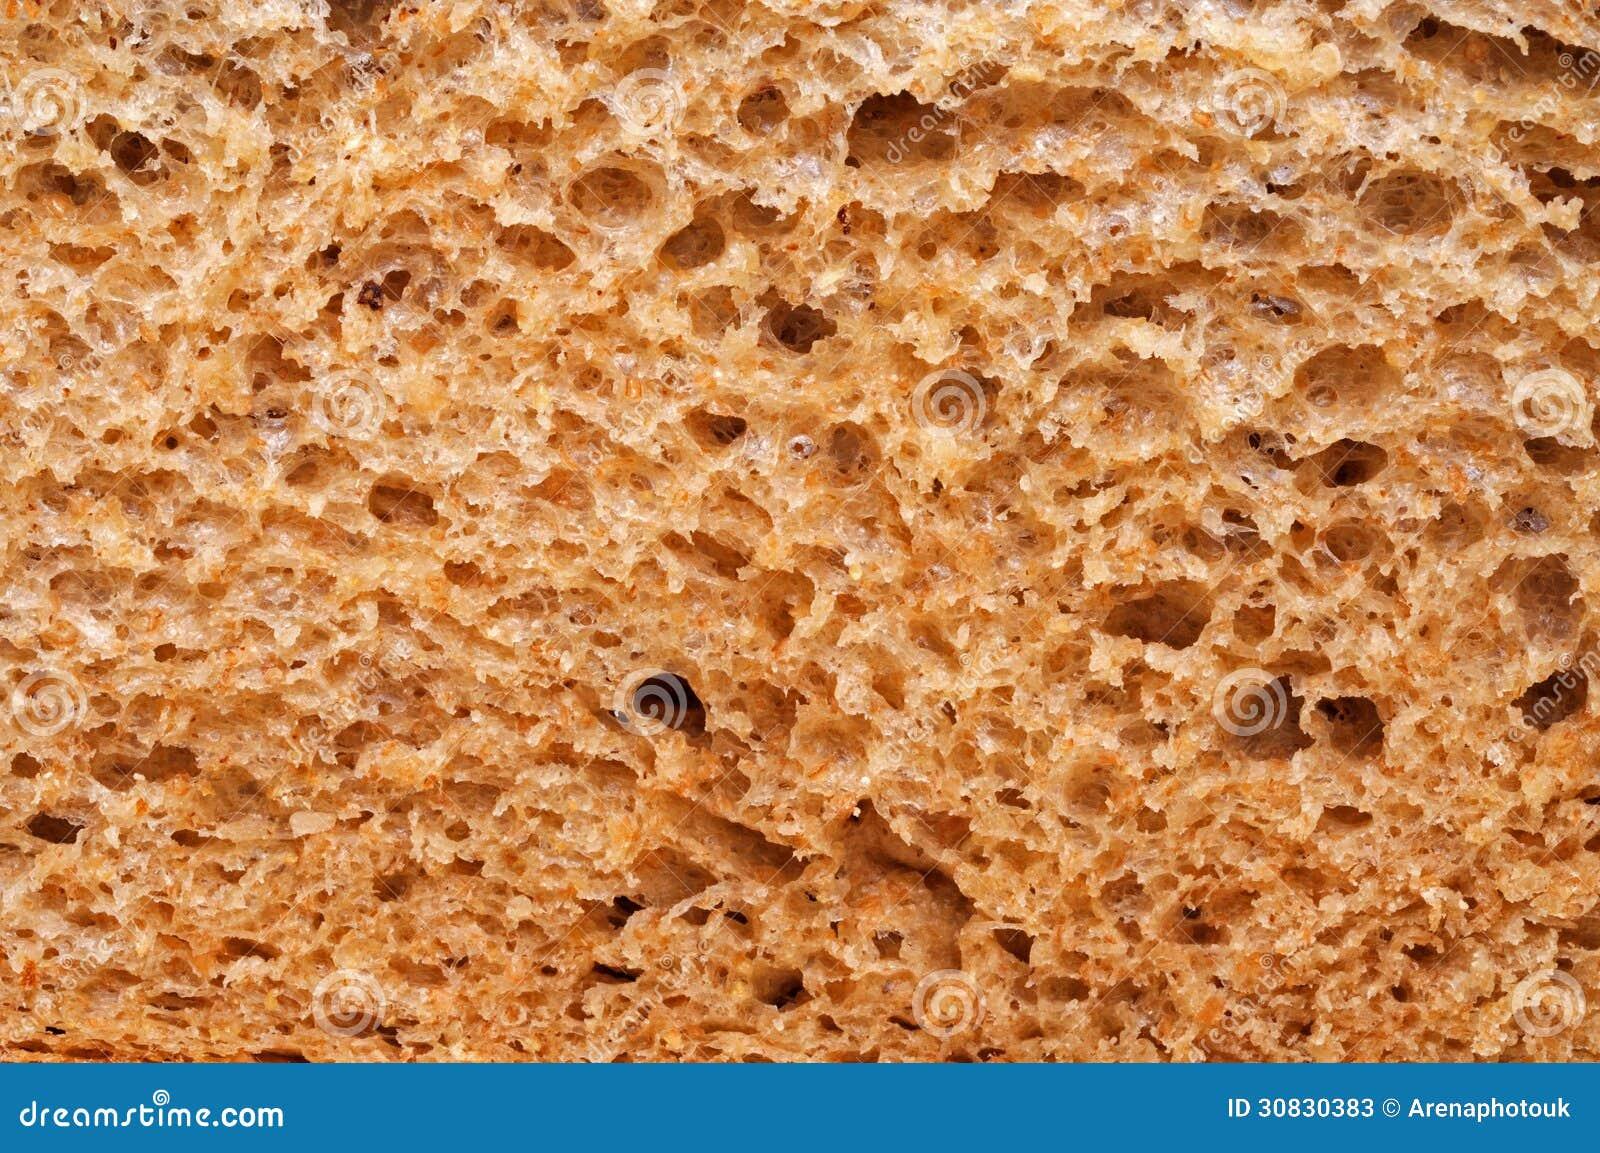 Struttura del pane integrale.